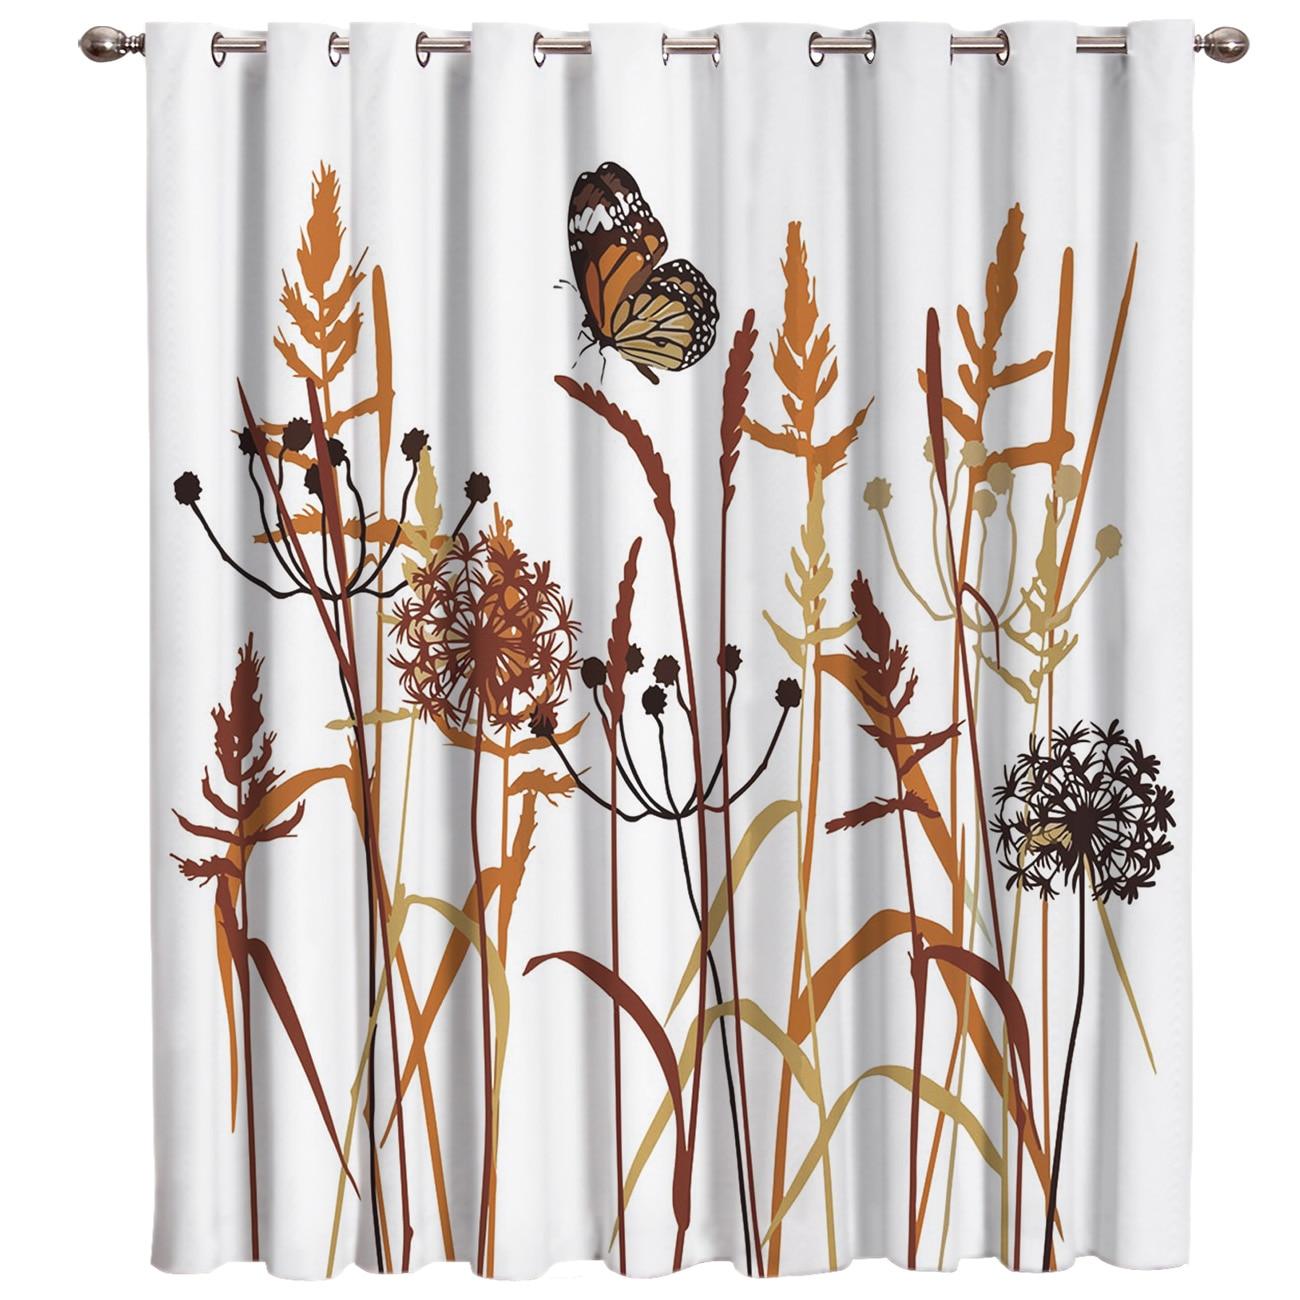 Cortinas de ventana de diente de león y mariposa Decoración Para sala de estar al aire libre dormitorio interior decoración de tela ventana tratamiento cenefas